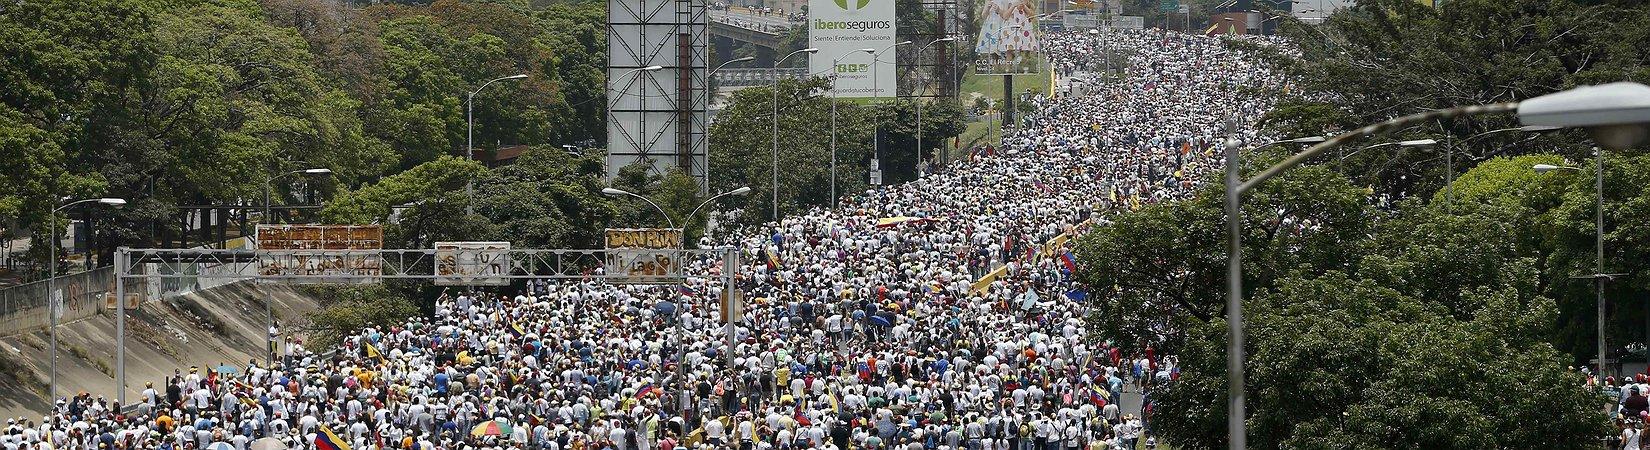 Milhares se reuniram na capital venezuelana para grande protesto